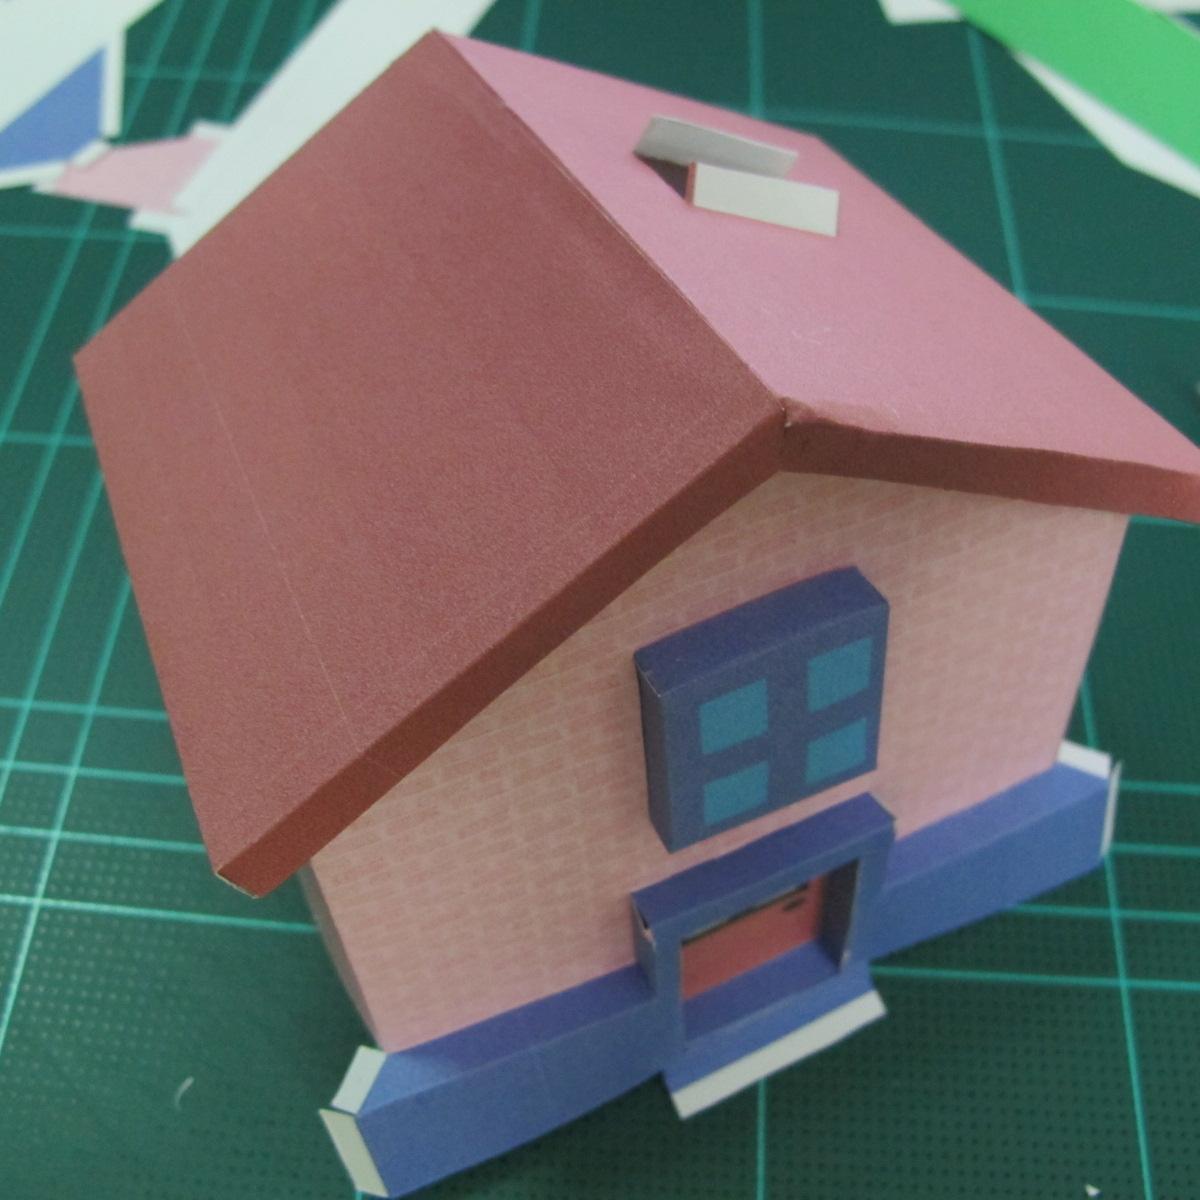 วิธีทำโมเดลกระดาษเป็นรูปบ้าน (Little House Papercraft Model) 011